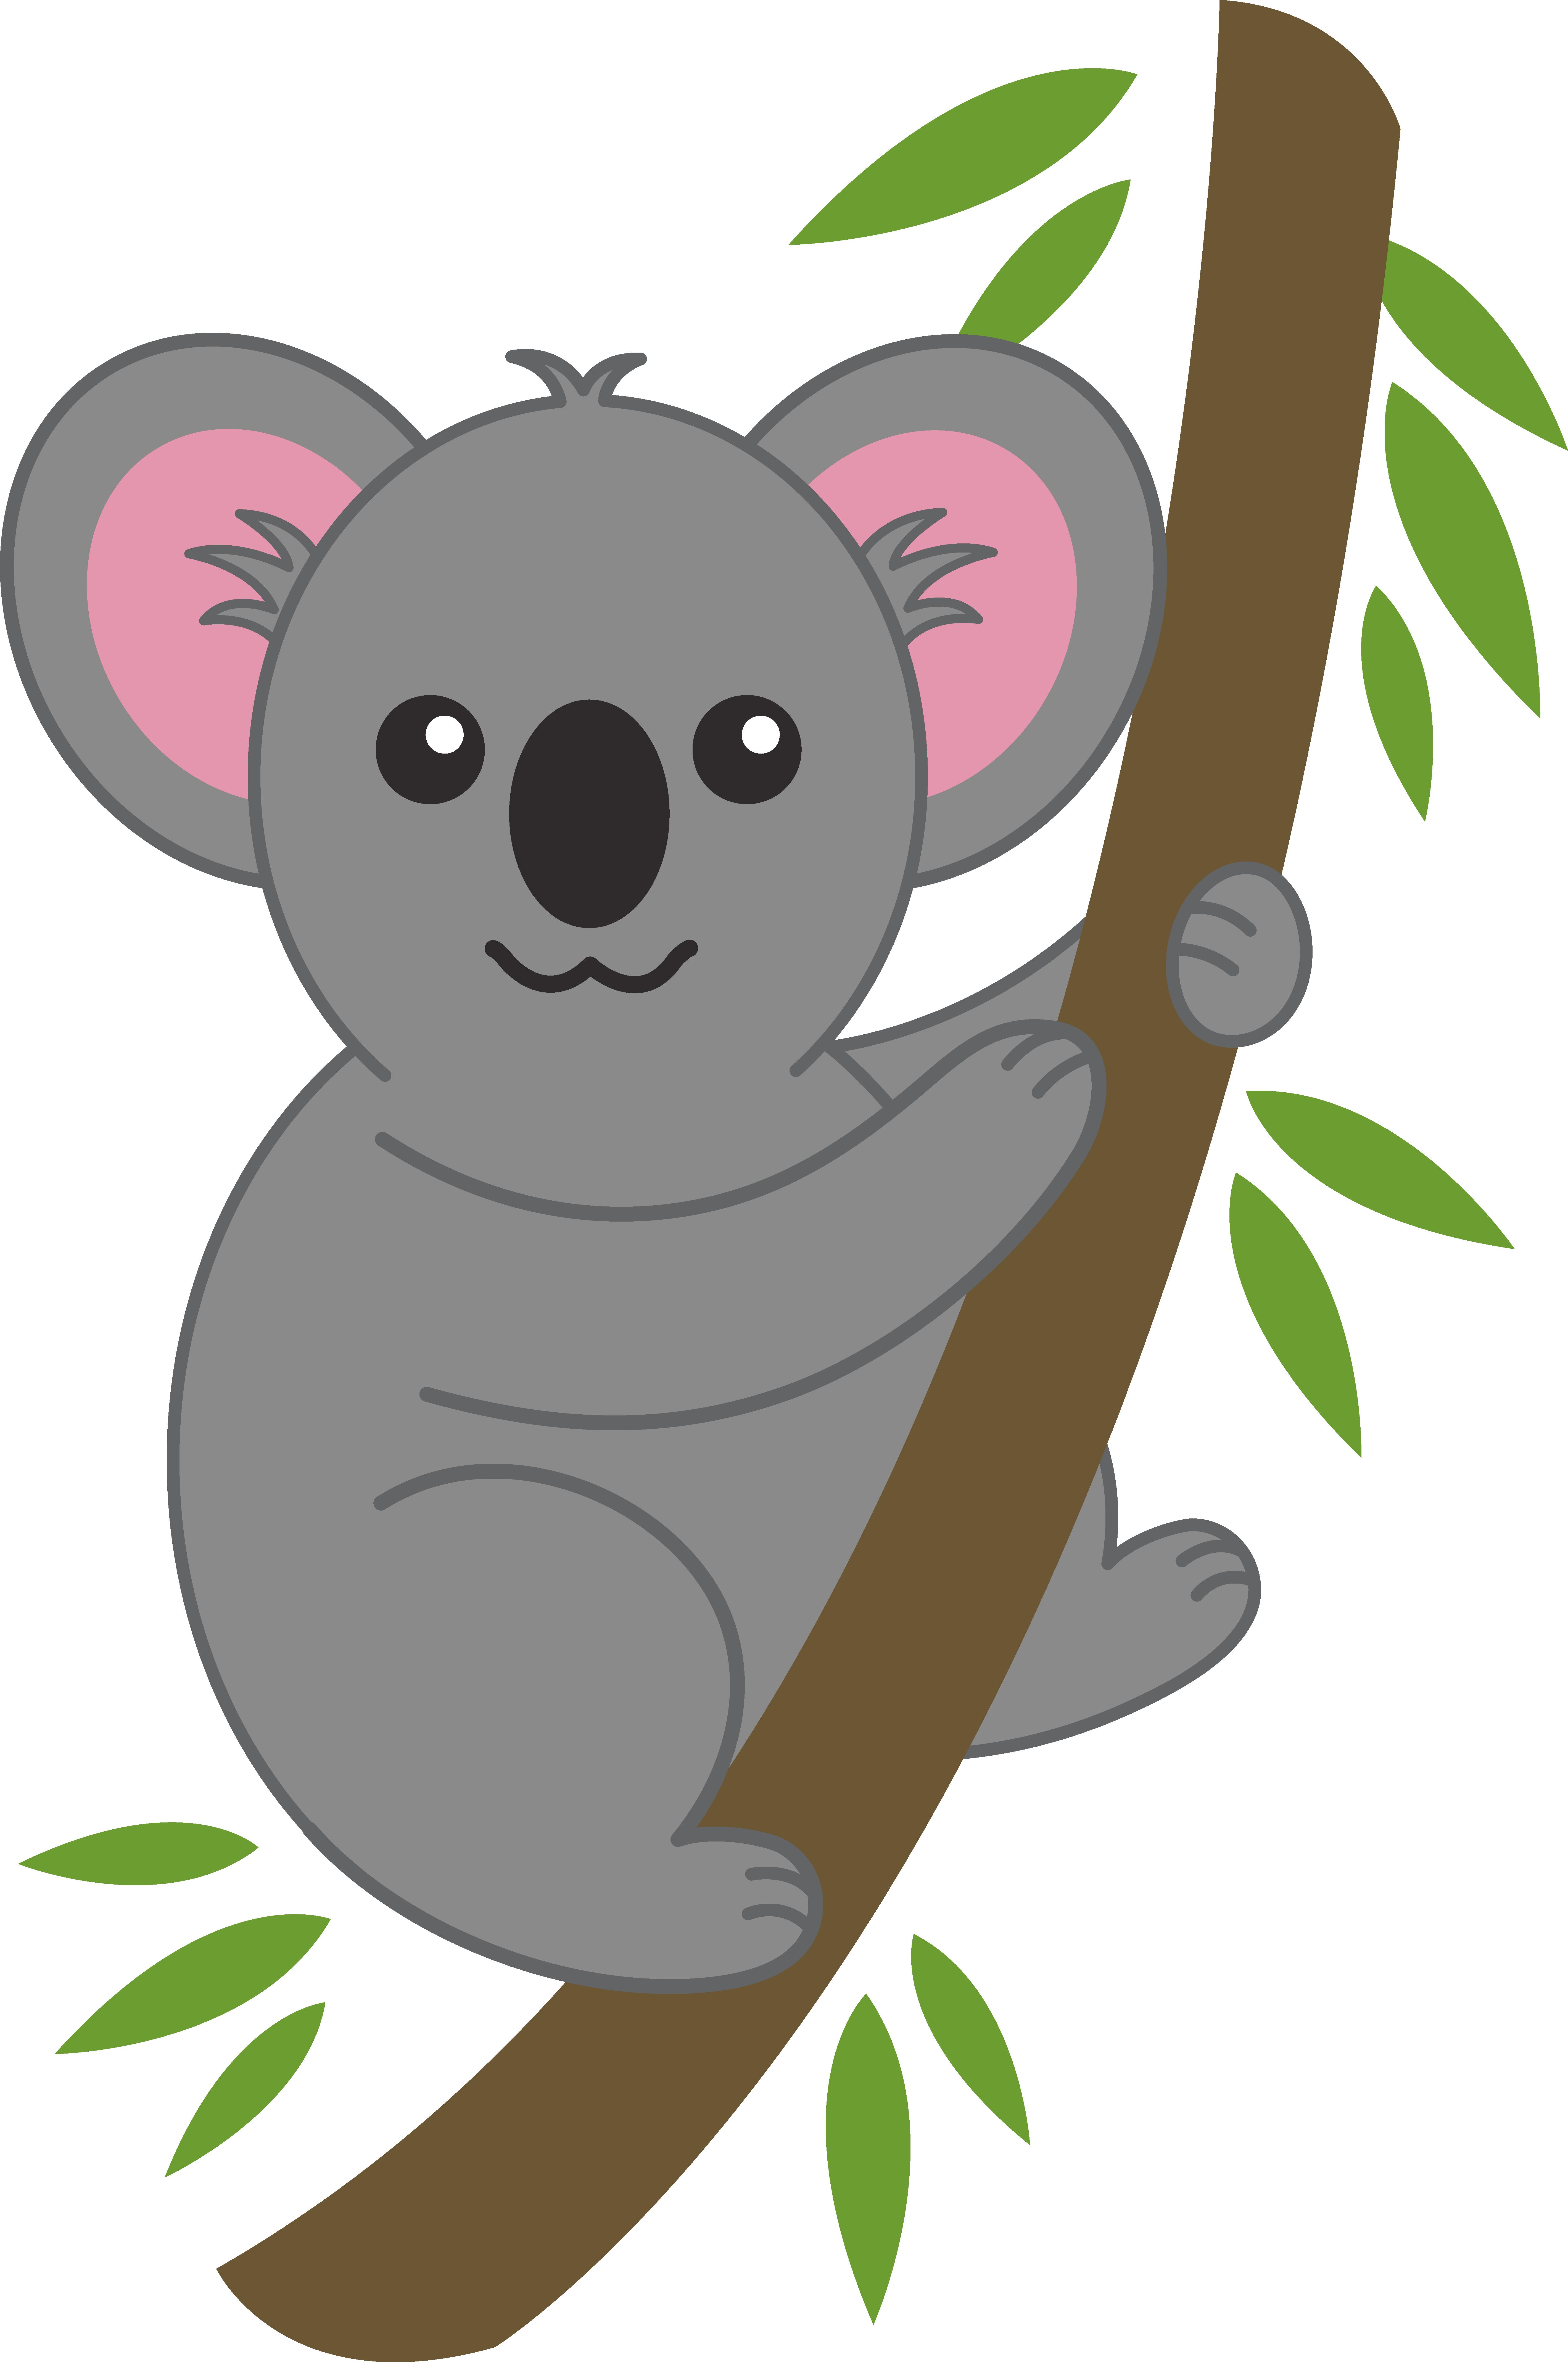 medium resolution of koala bear clip art cute koala on tree branch free clip art